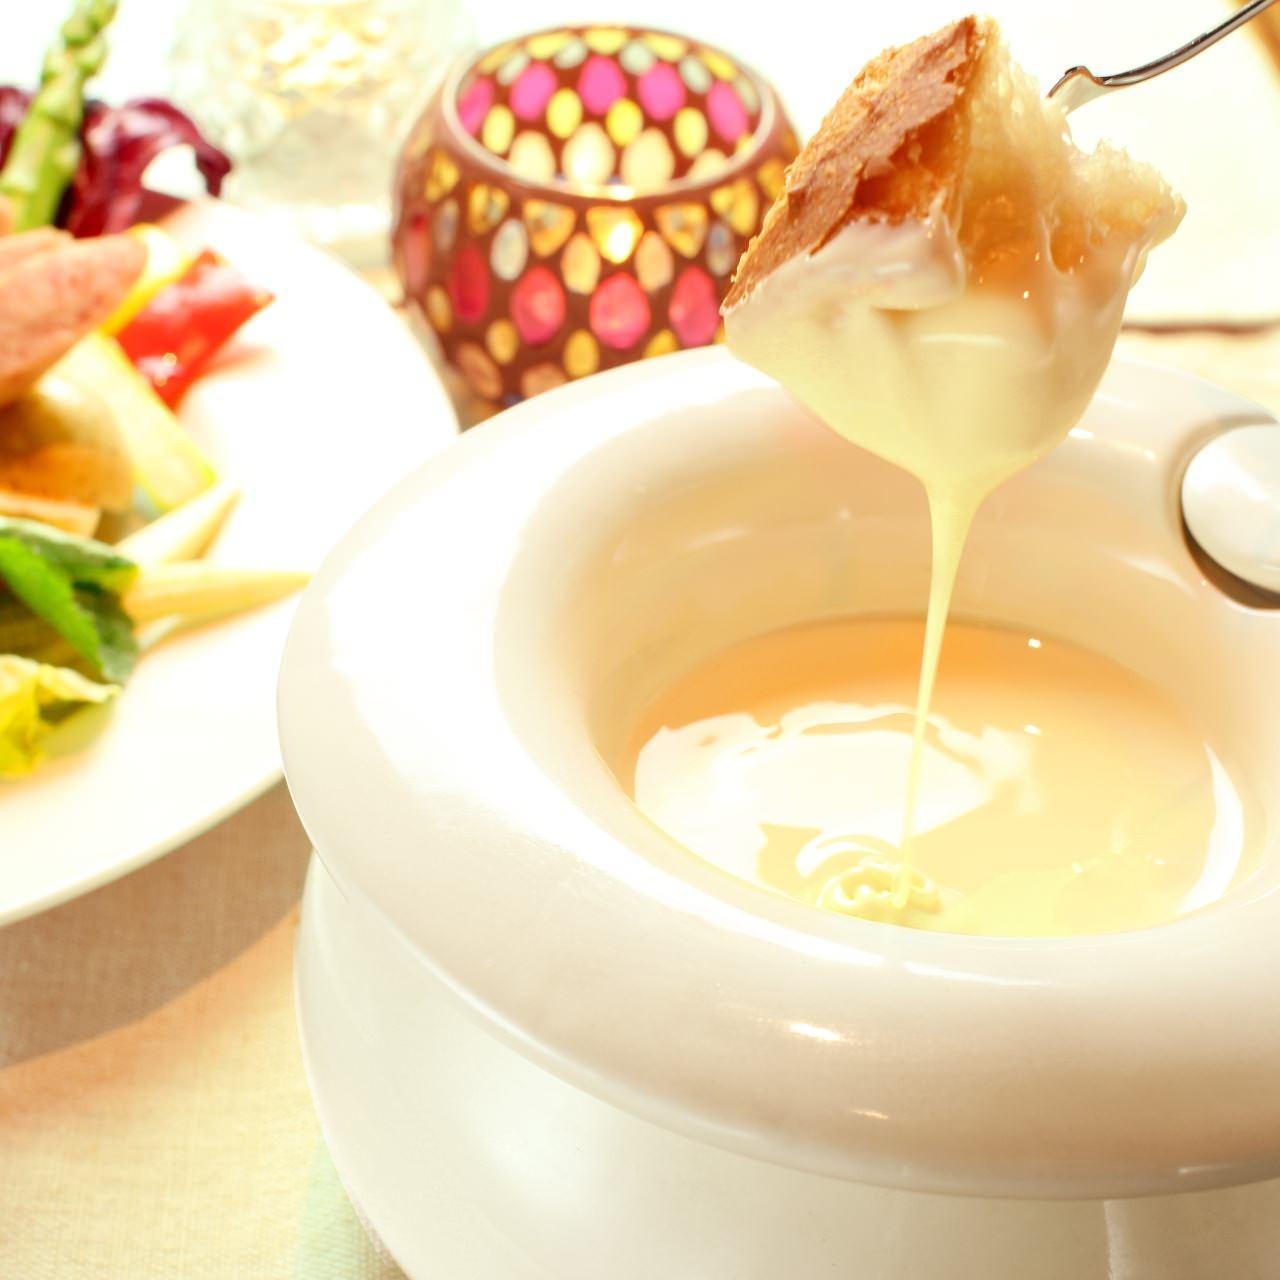 完全栄養食品と謳われるチーズ、その栄養とクッキング例を紹介のサムネイル画像